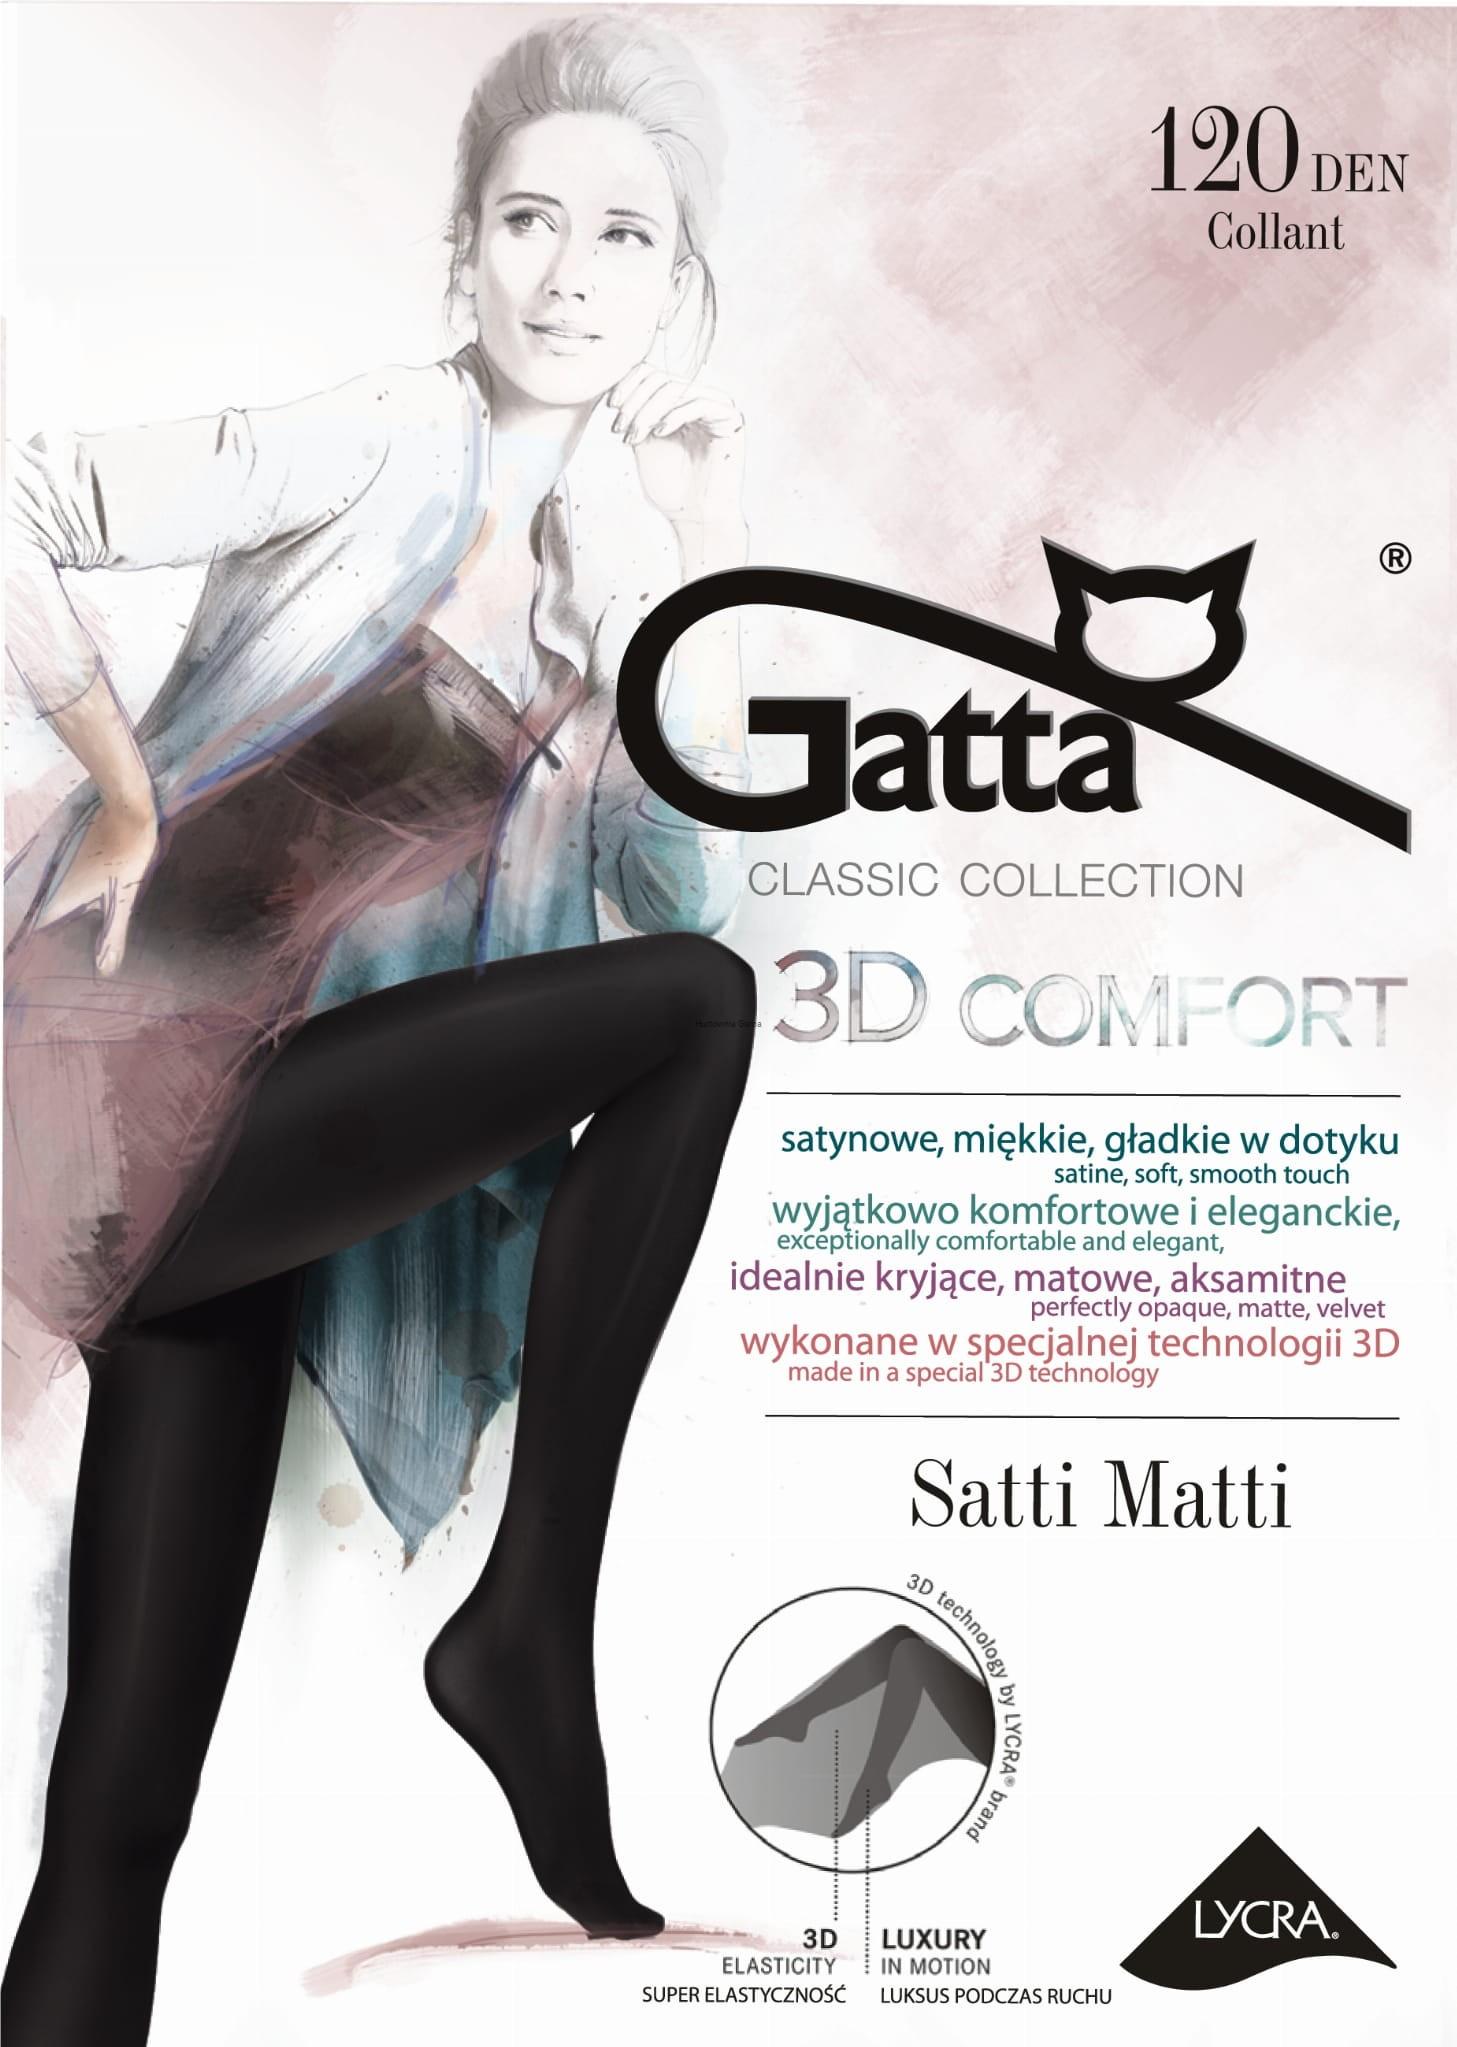 5f7bd862 Rajstopy GATTA SATTI MATTI 120 DEN lycra 3D